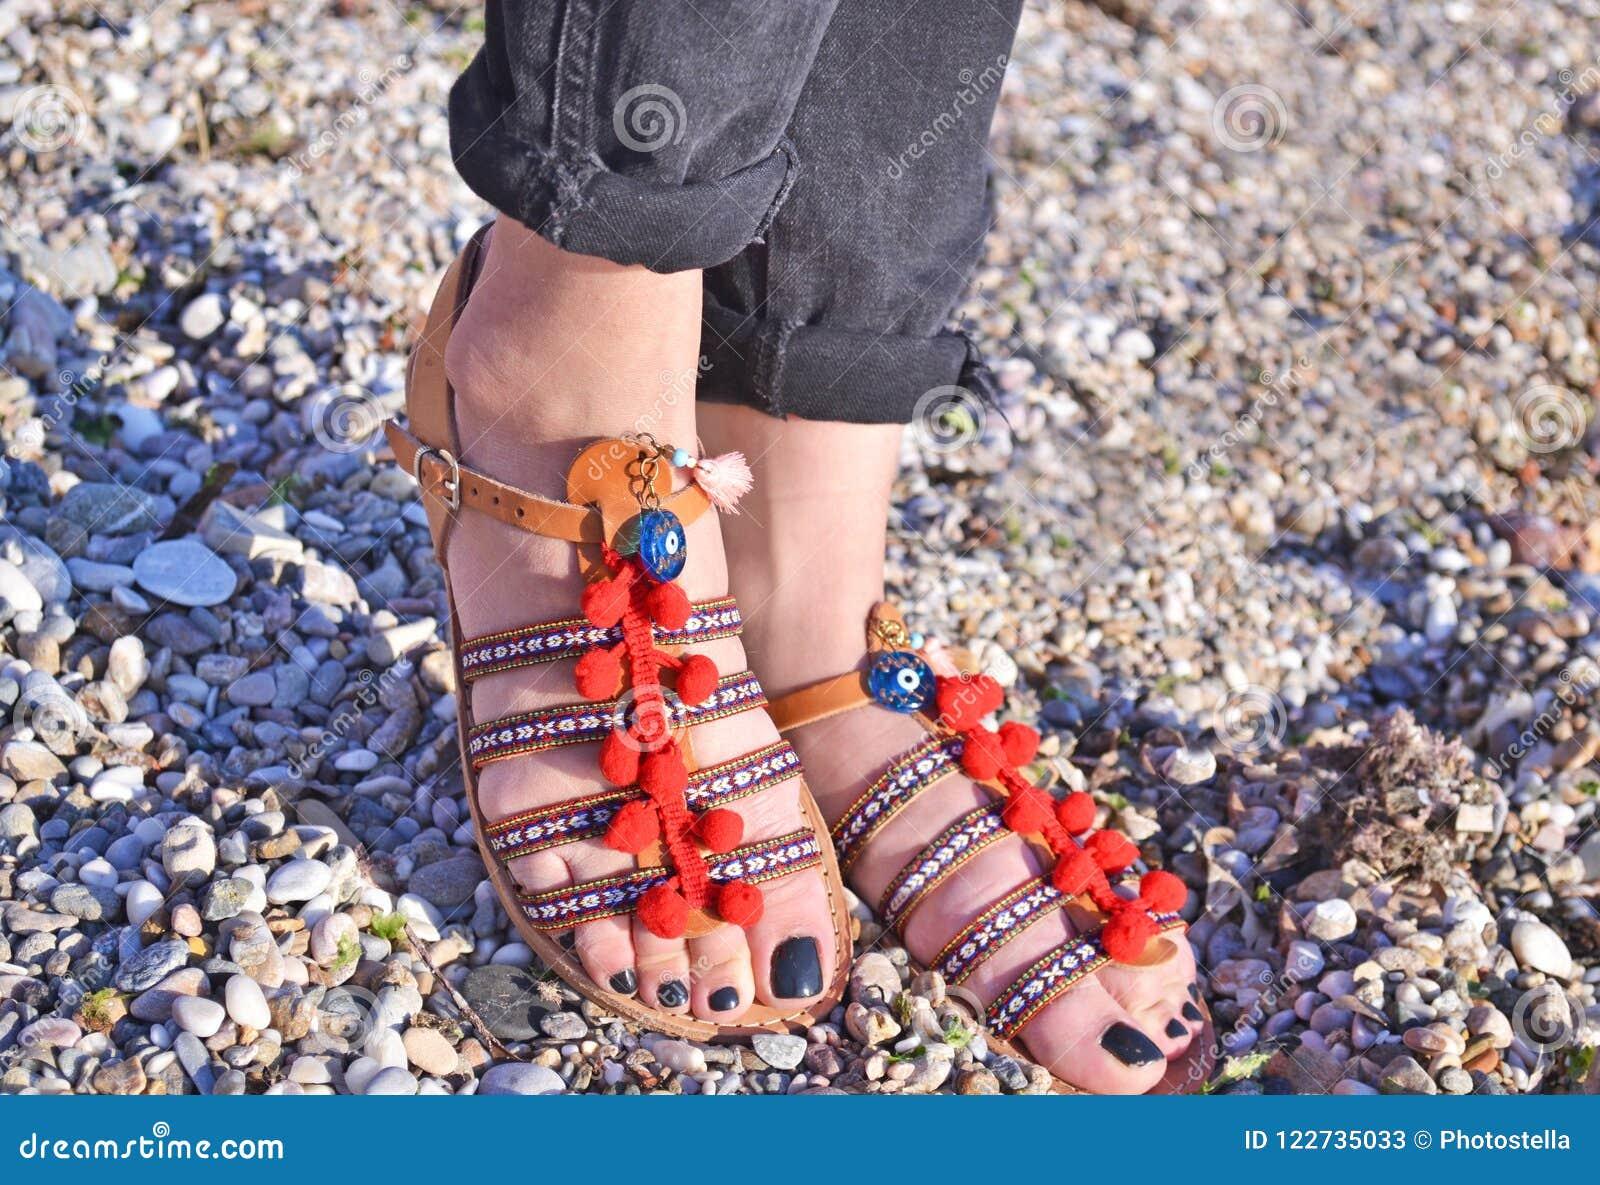 Βοημίας διαφήμιση σανδαλιών στην παραλία - ελληνικά σανδάλια δέρματος